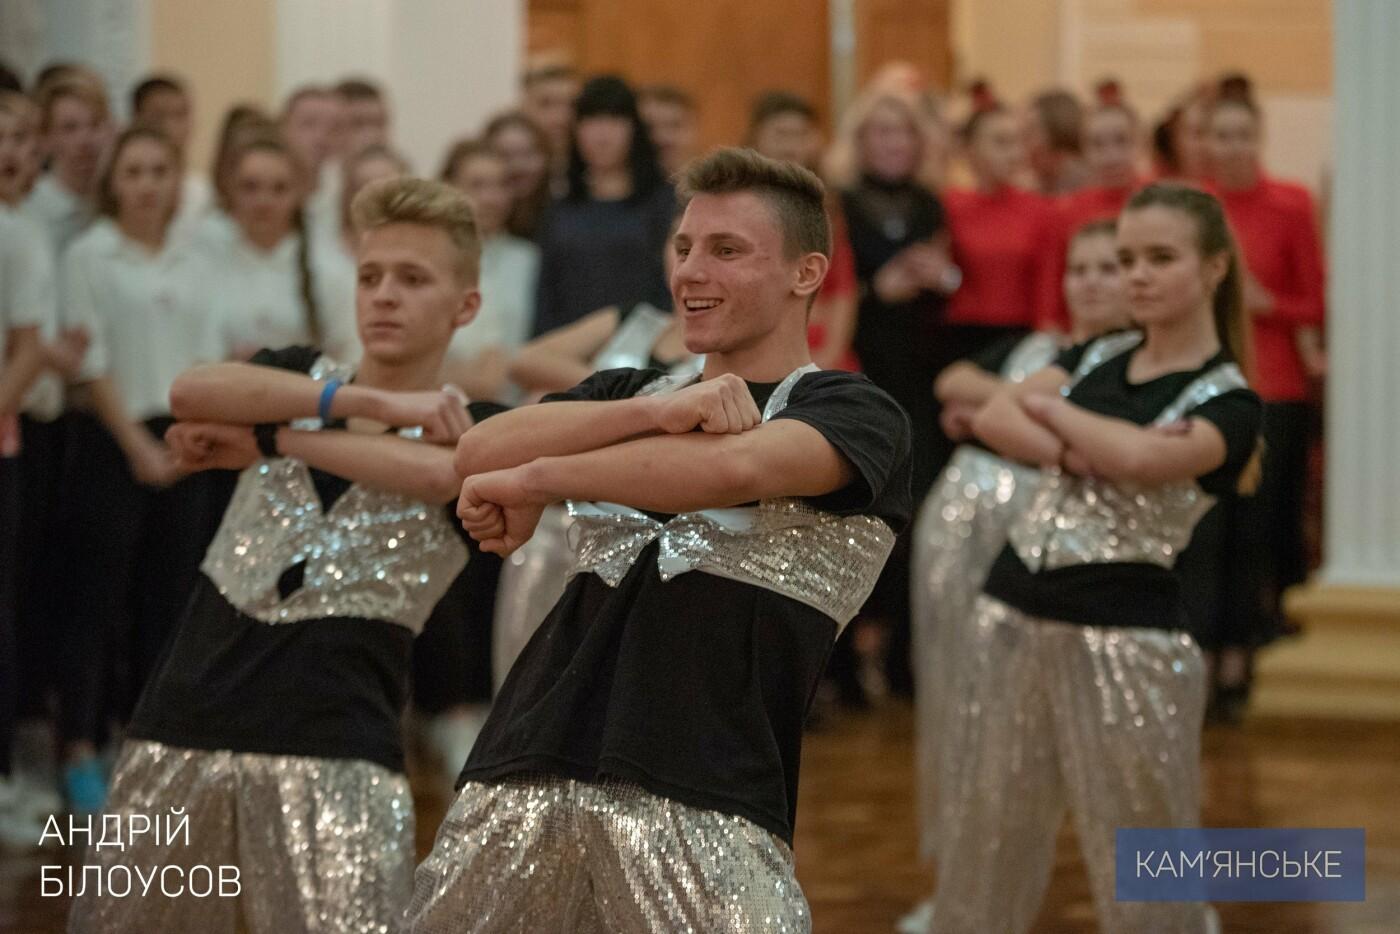 В Каменском прошел танцевальный конкурс среди молодежи Dance Winter fairy tale, фото-2